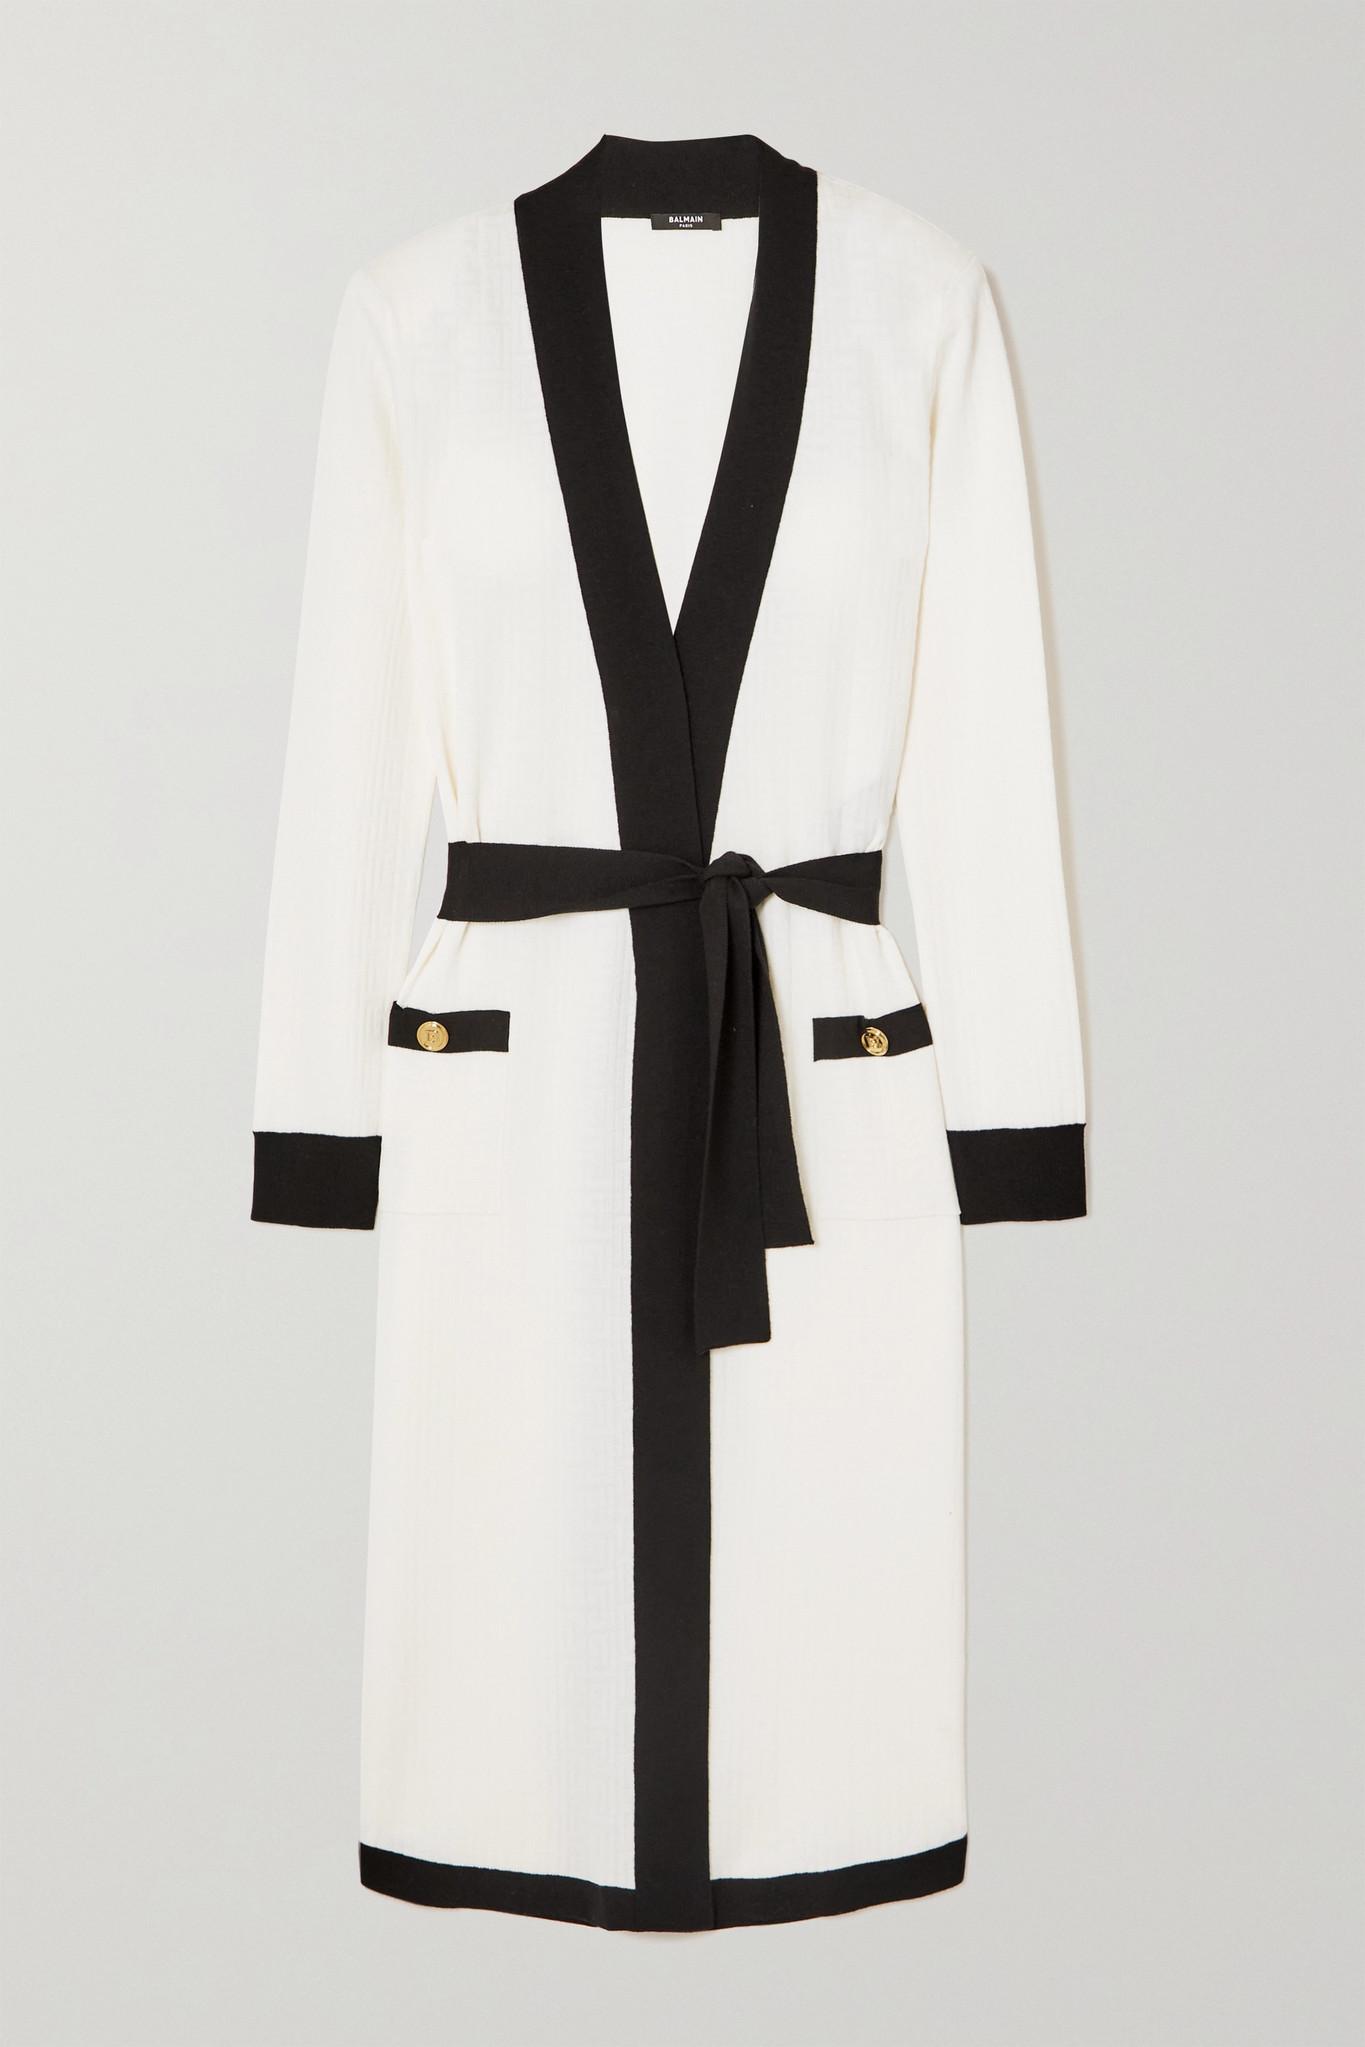 BALMAIN - 配腰带双色提花针织羊毛混纺开襟衫 - 白色 - FR38